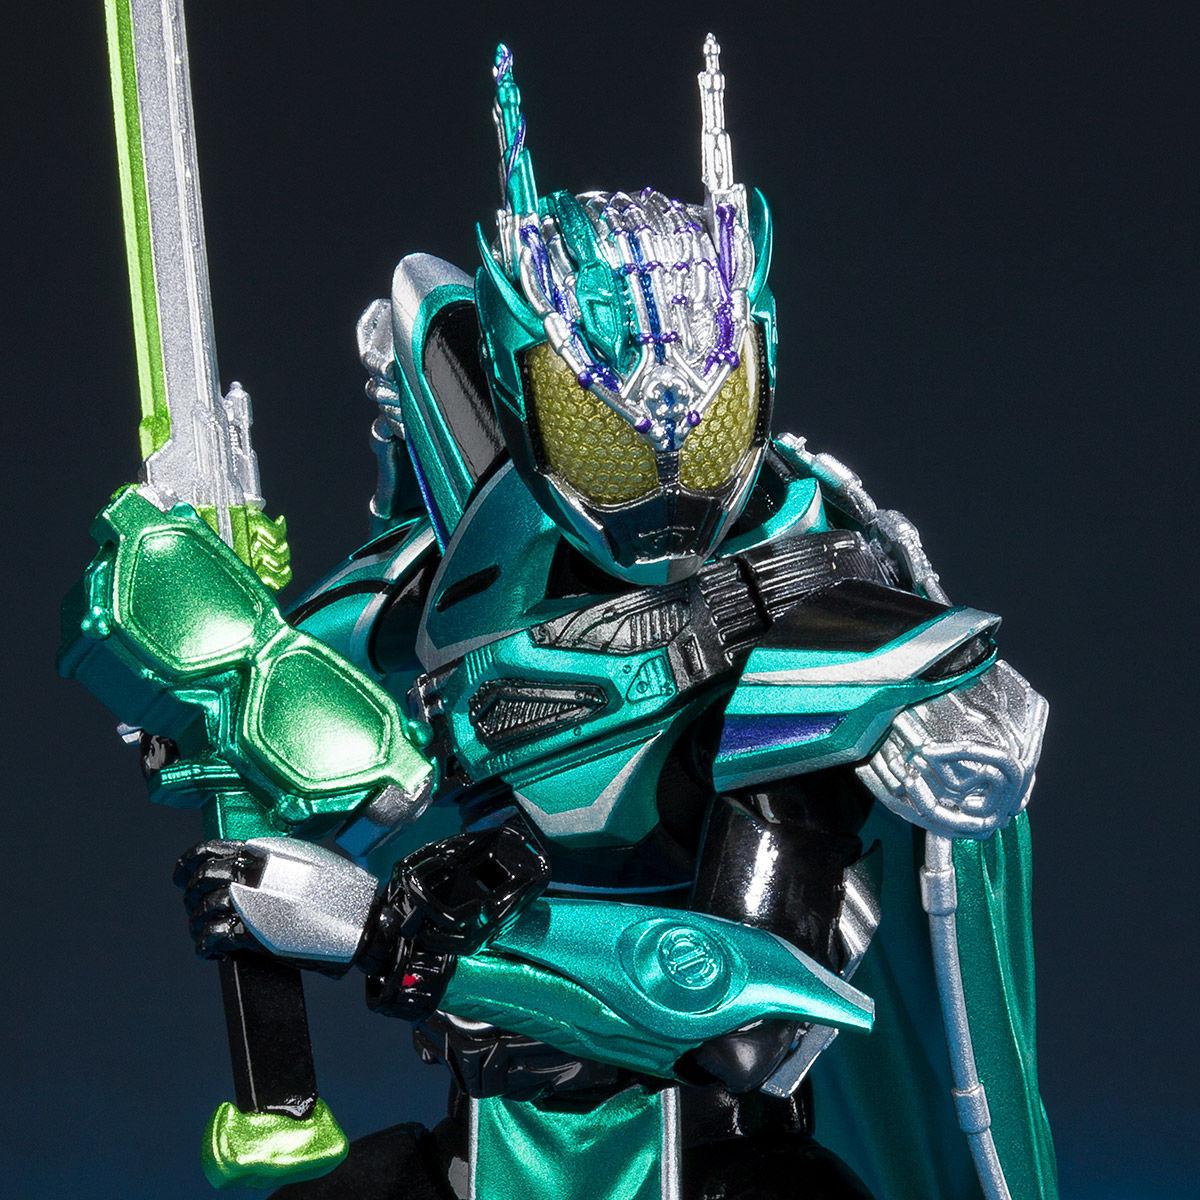 S.H.フィギュアーツ『仮面ライダーブレン』可動フィギュア-001